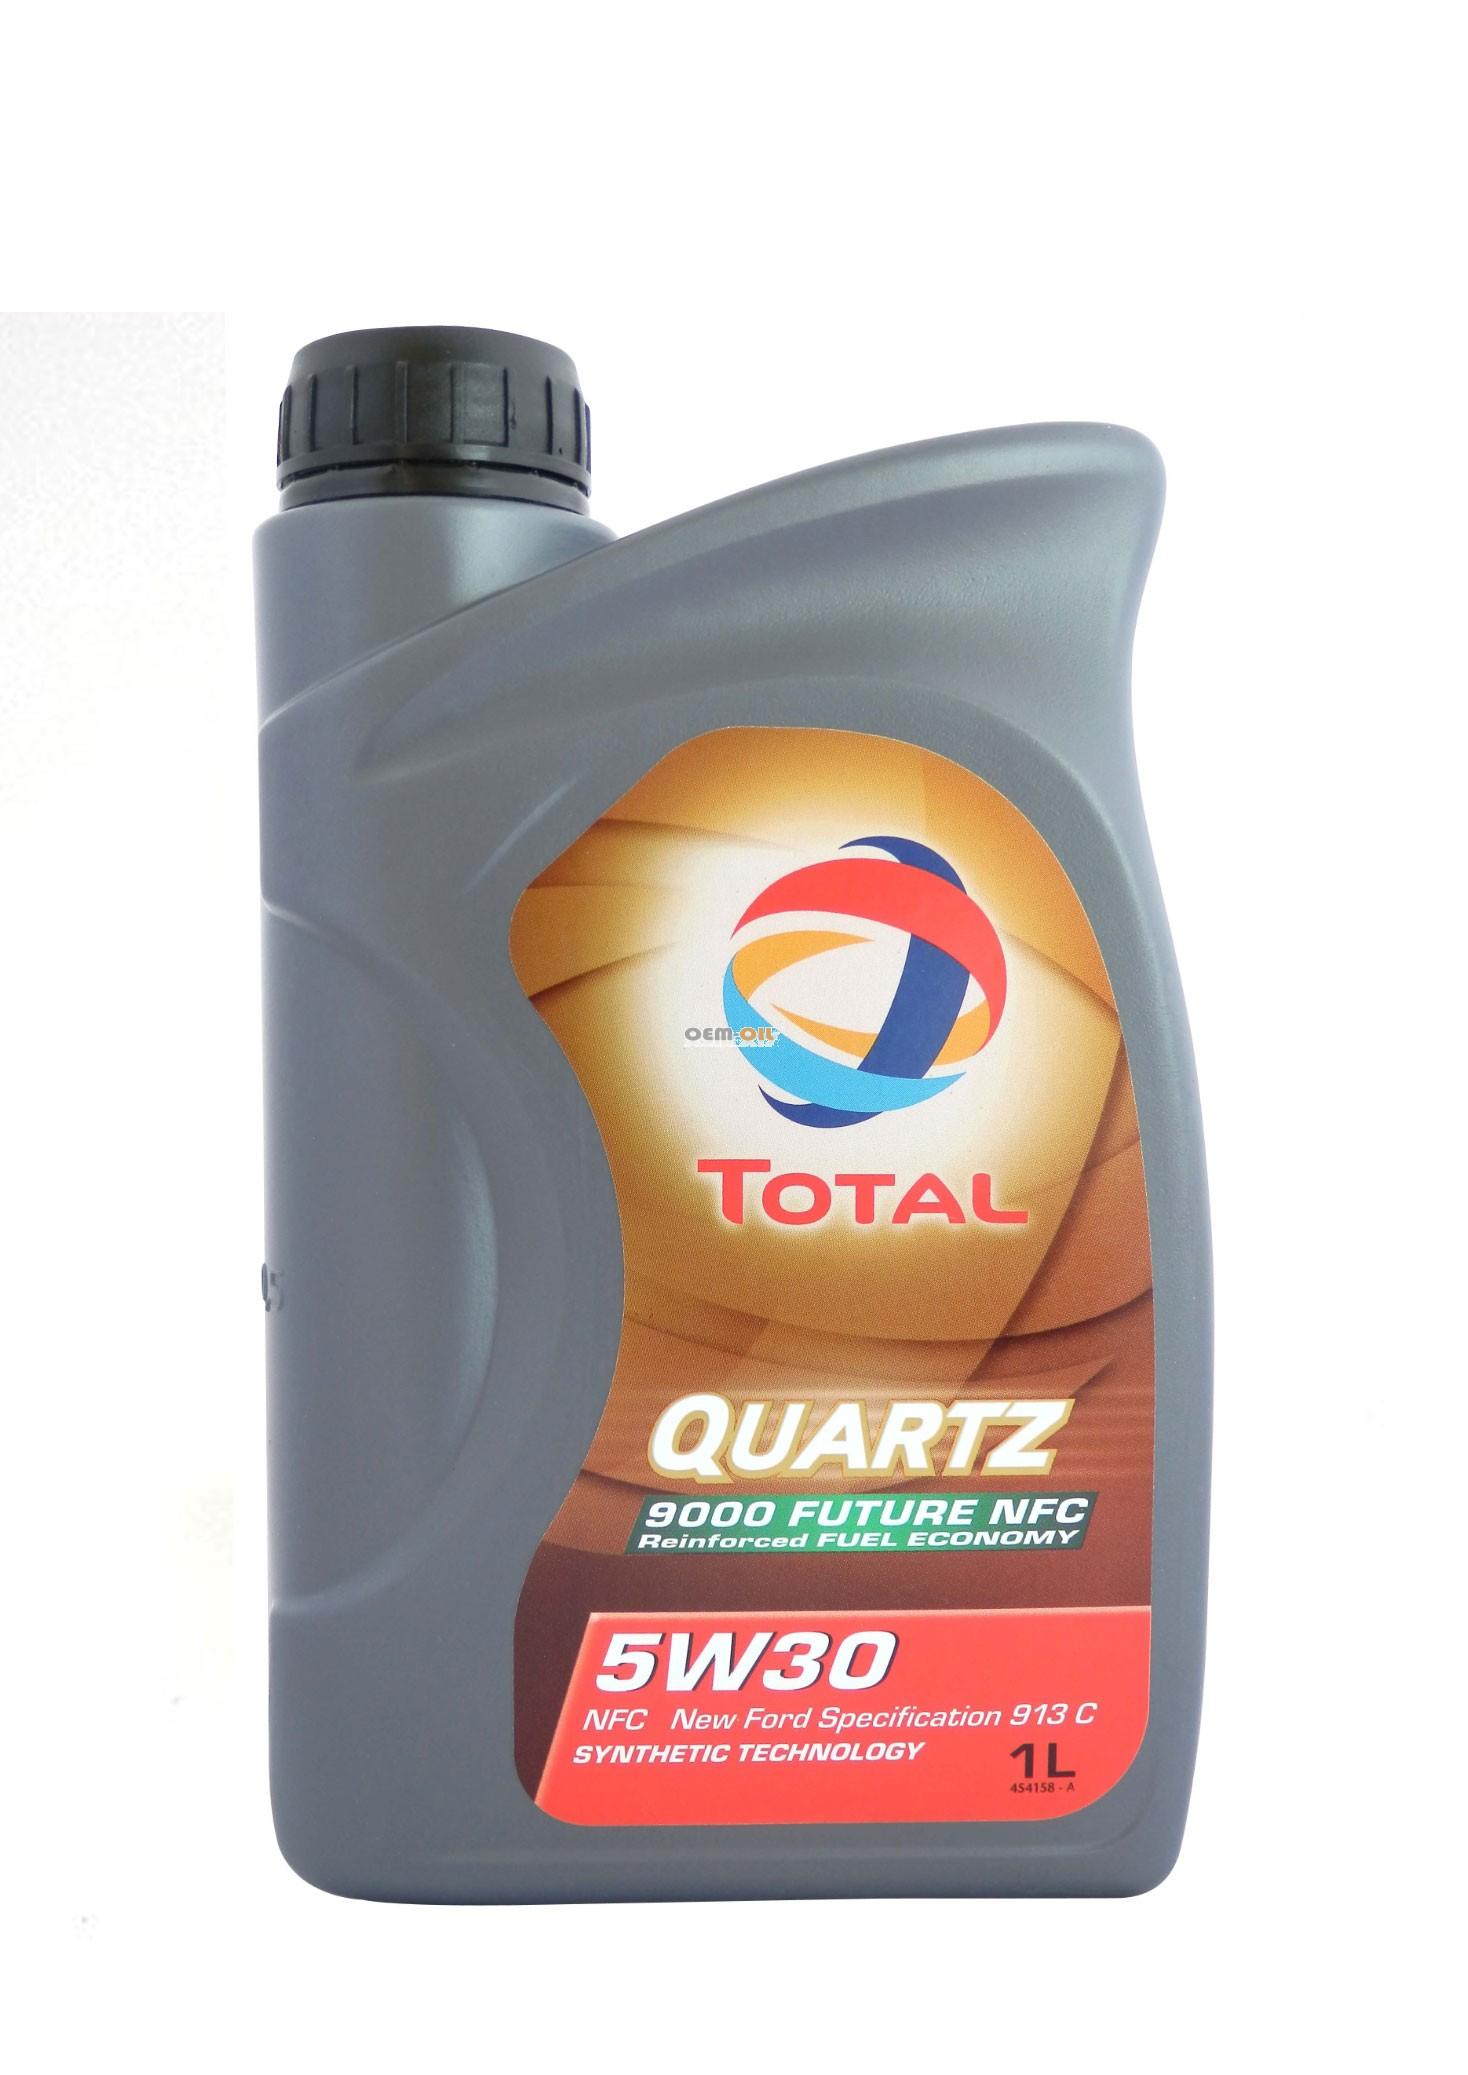 5W30 TOTAL Quartz 9000 FUTURE 1L